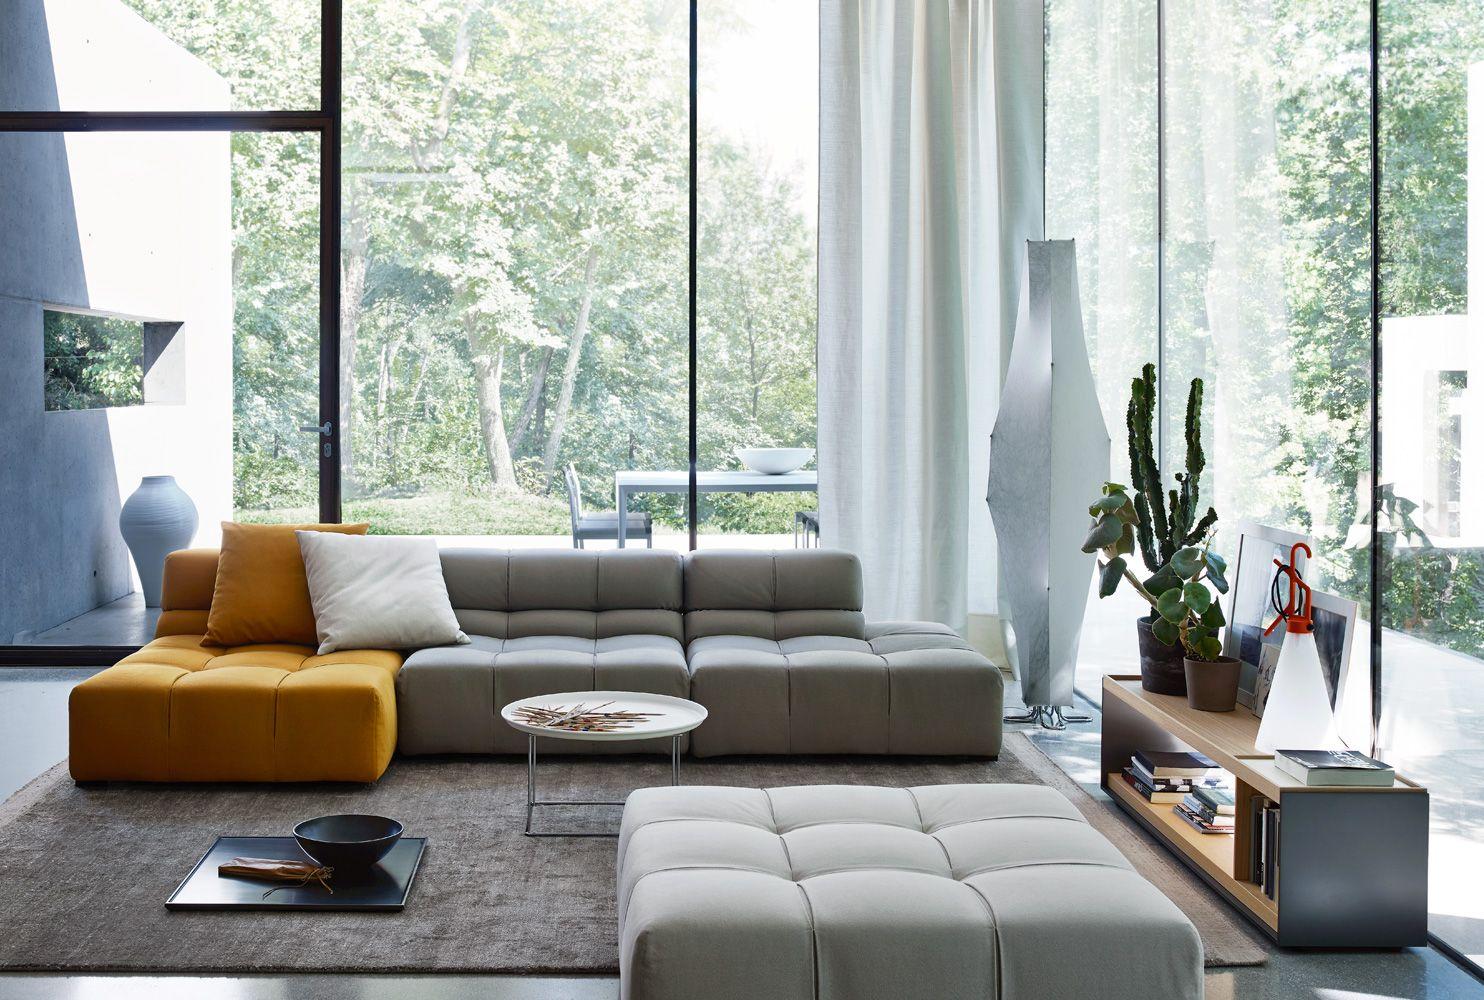 Divano tufty time 15 collezione b b italia design for Mobili neri